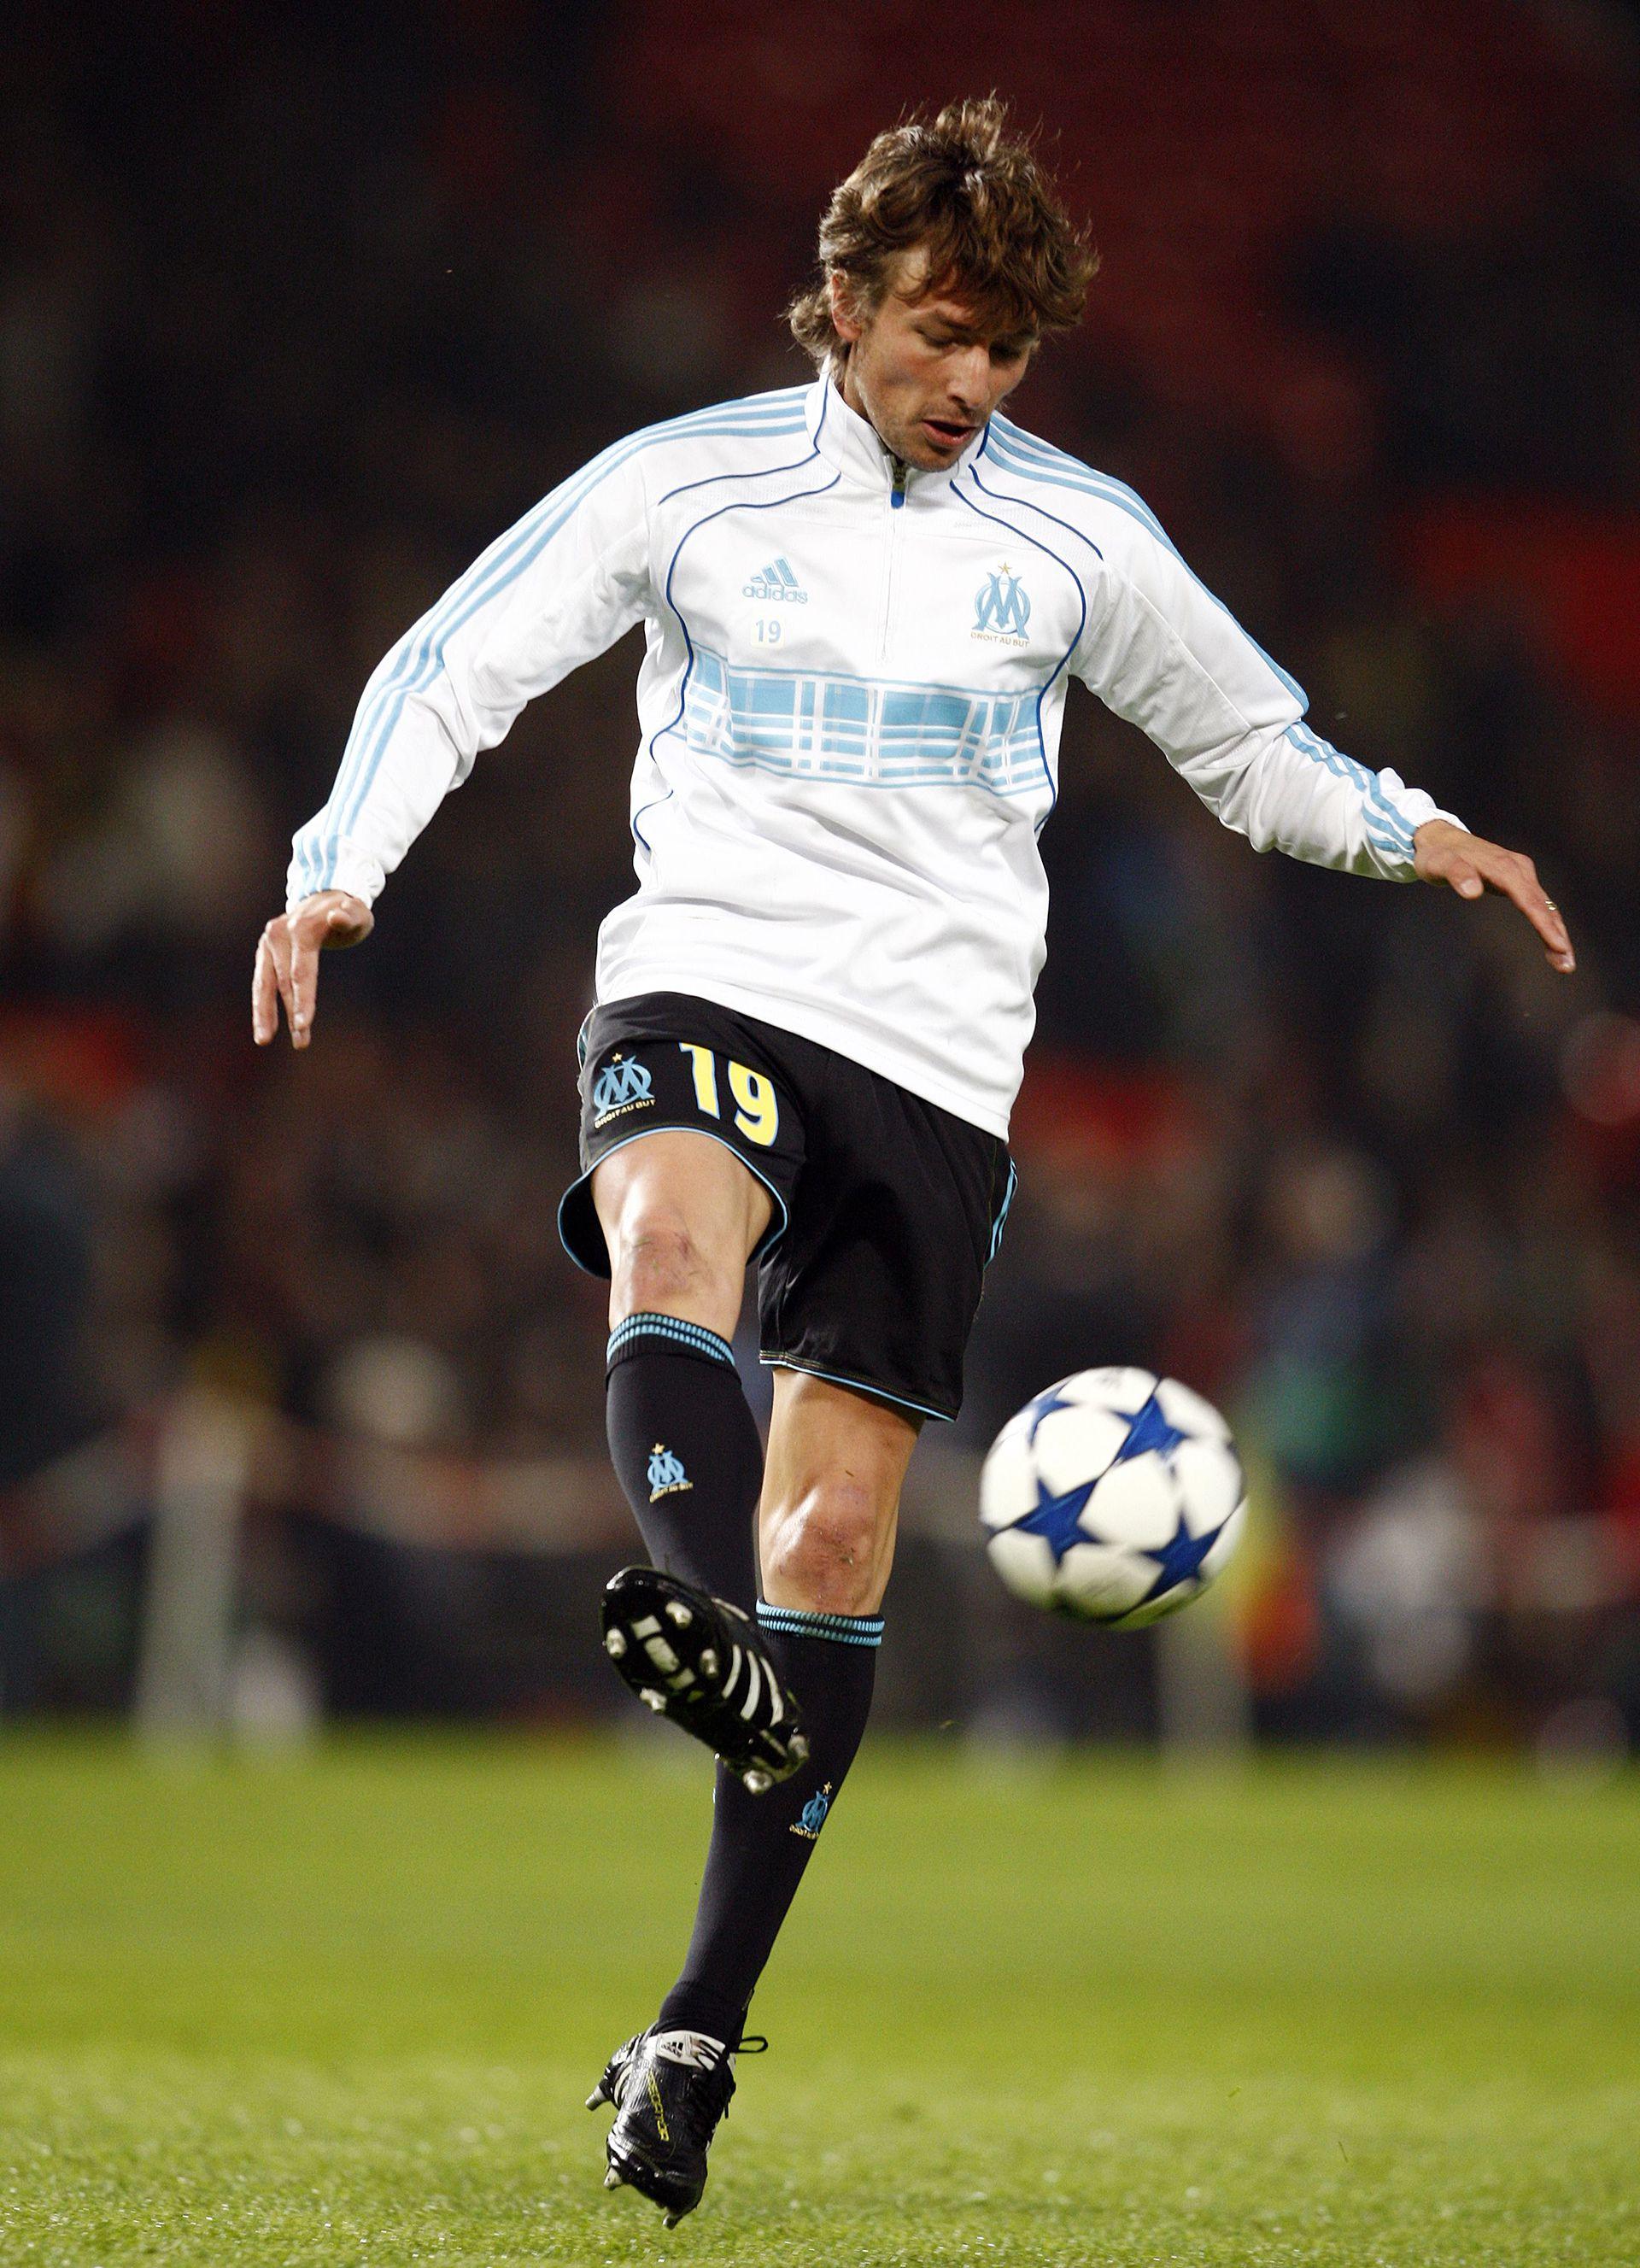 Gabriel Heinze en acción con la indumentaria del Marsella: fue en 2011 en un partido ante Manchester United (Shutterstock)